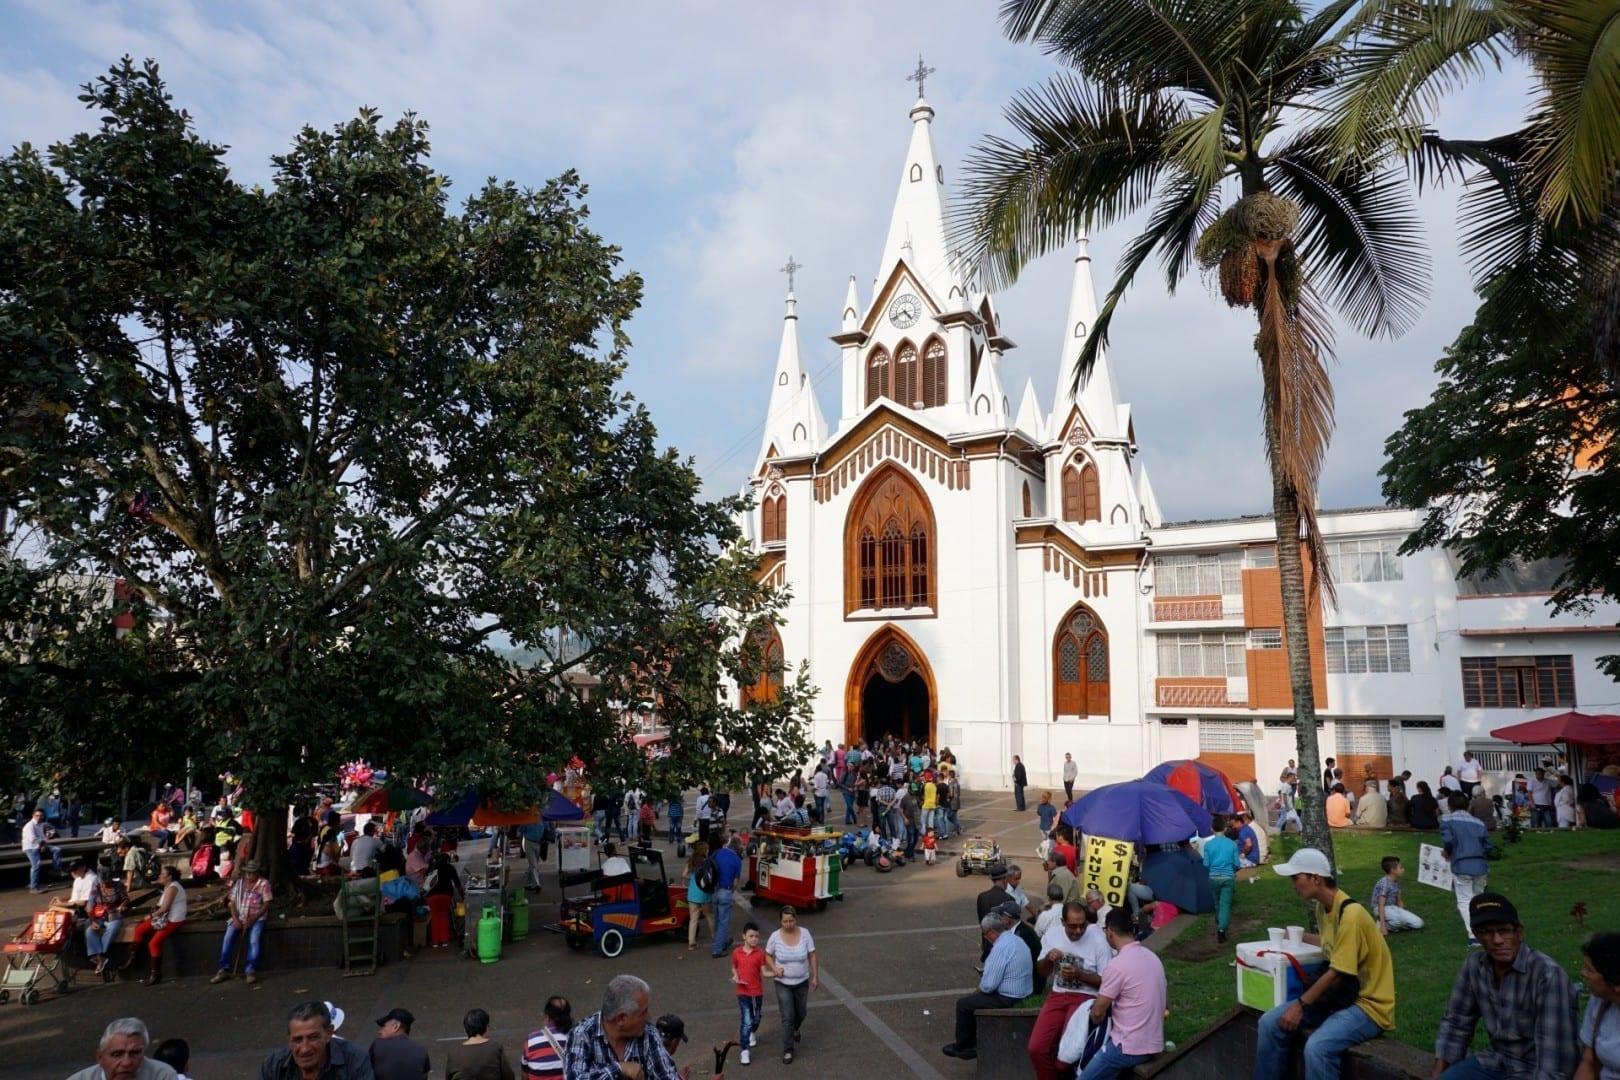 Parque Caldas con la iglesia Inmaculada Concepción Manizales Colombia